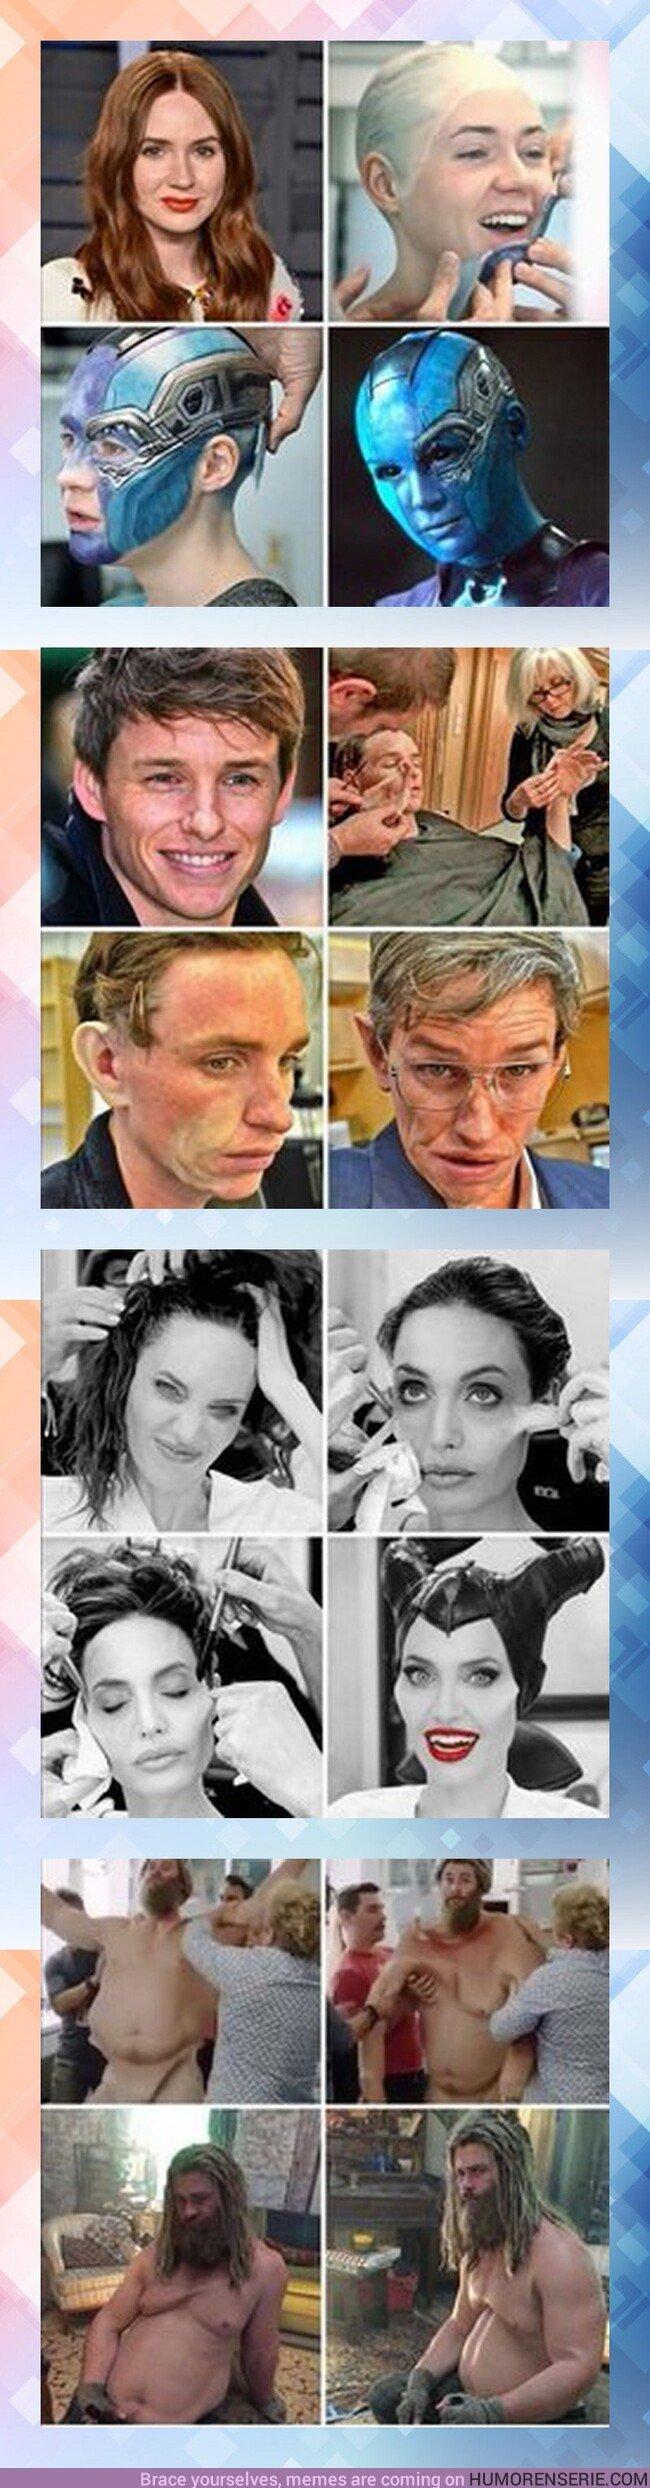 44539 - GALERÍA: La prueba de que el maquillaje es capaz de cosas increíbles